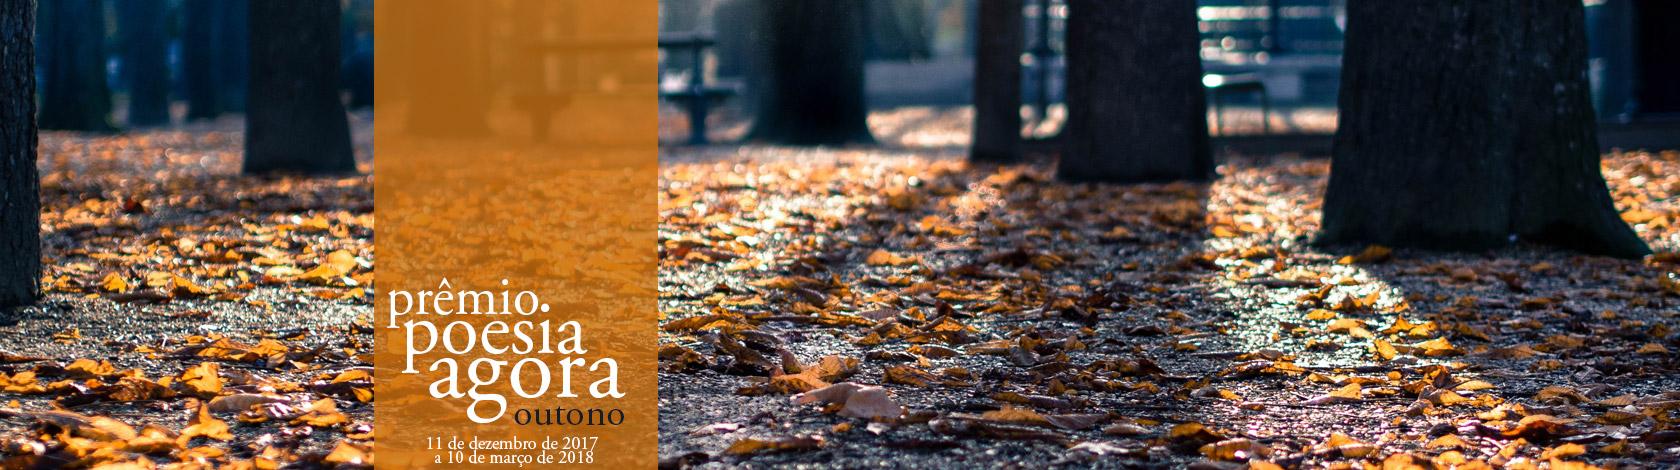 Prêmio Poesia Agora - Outono